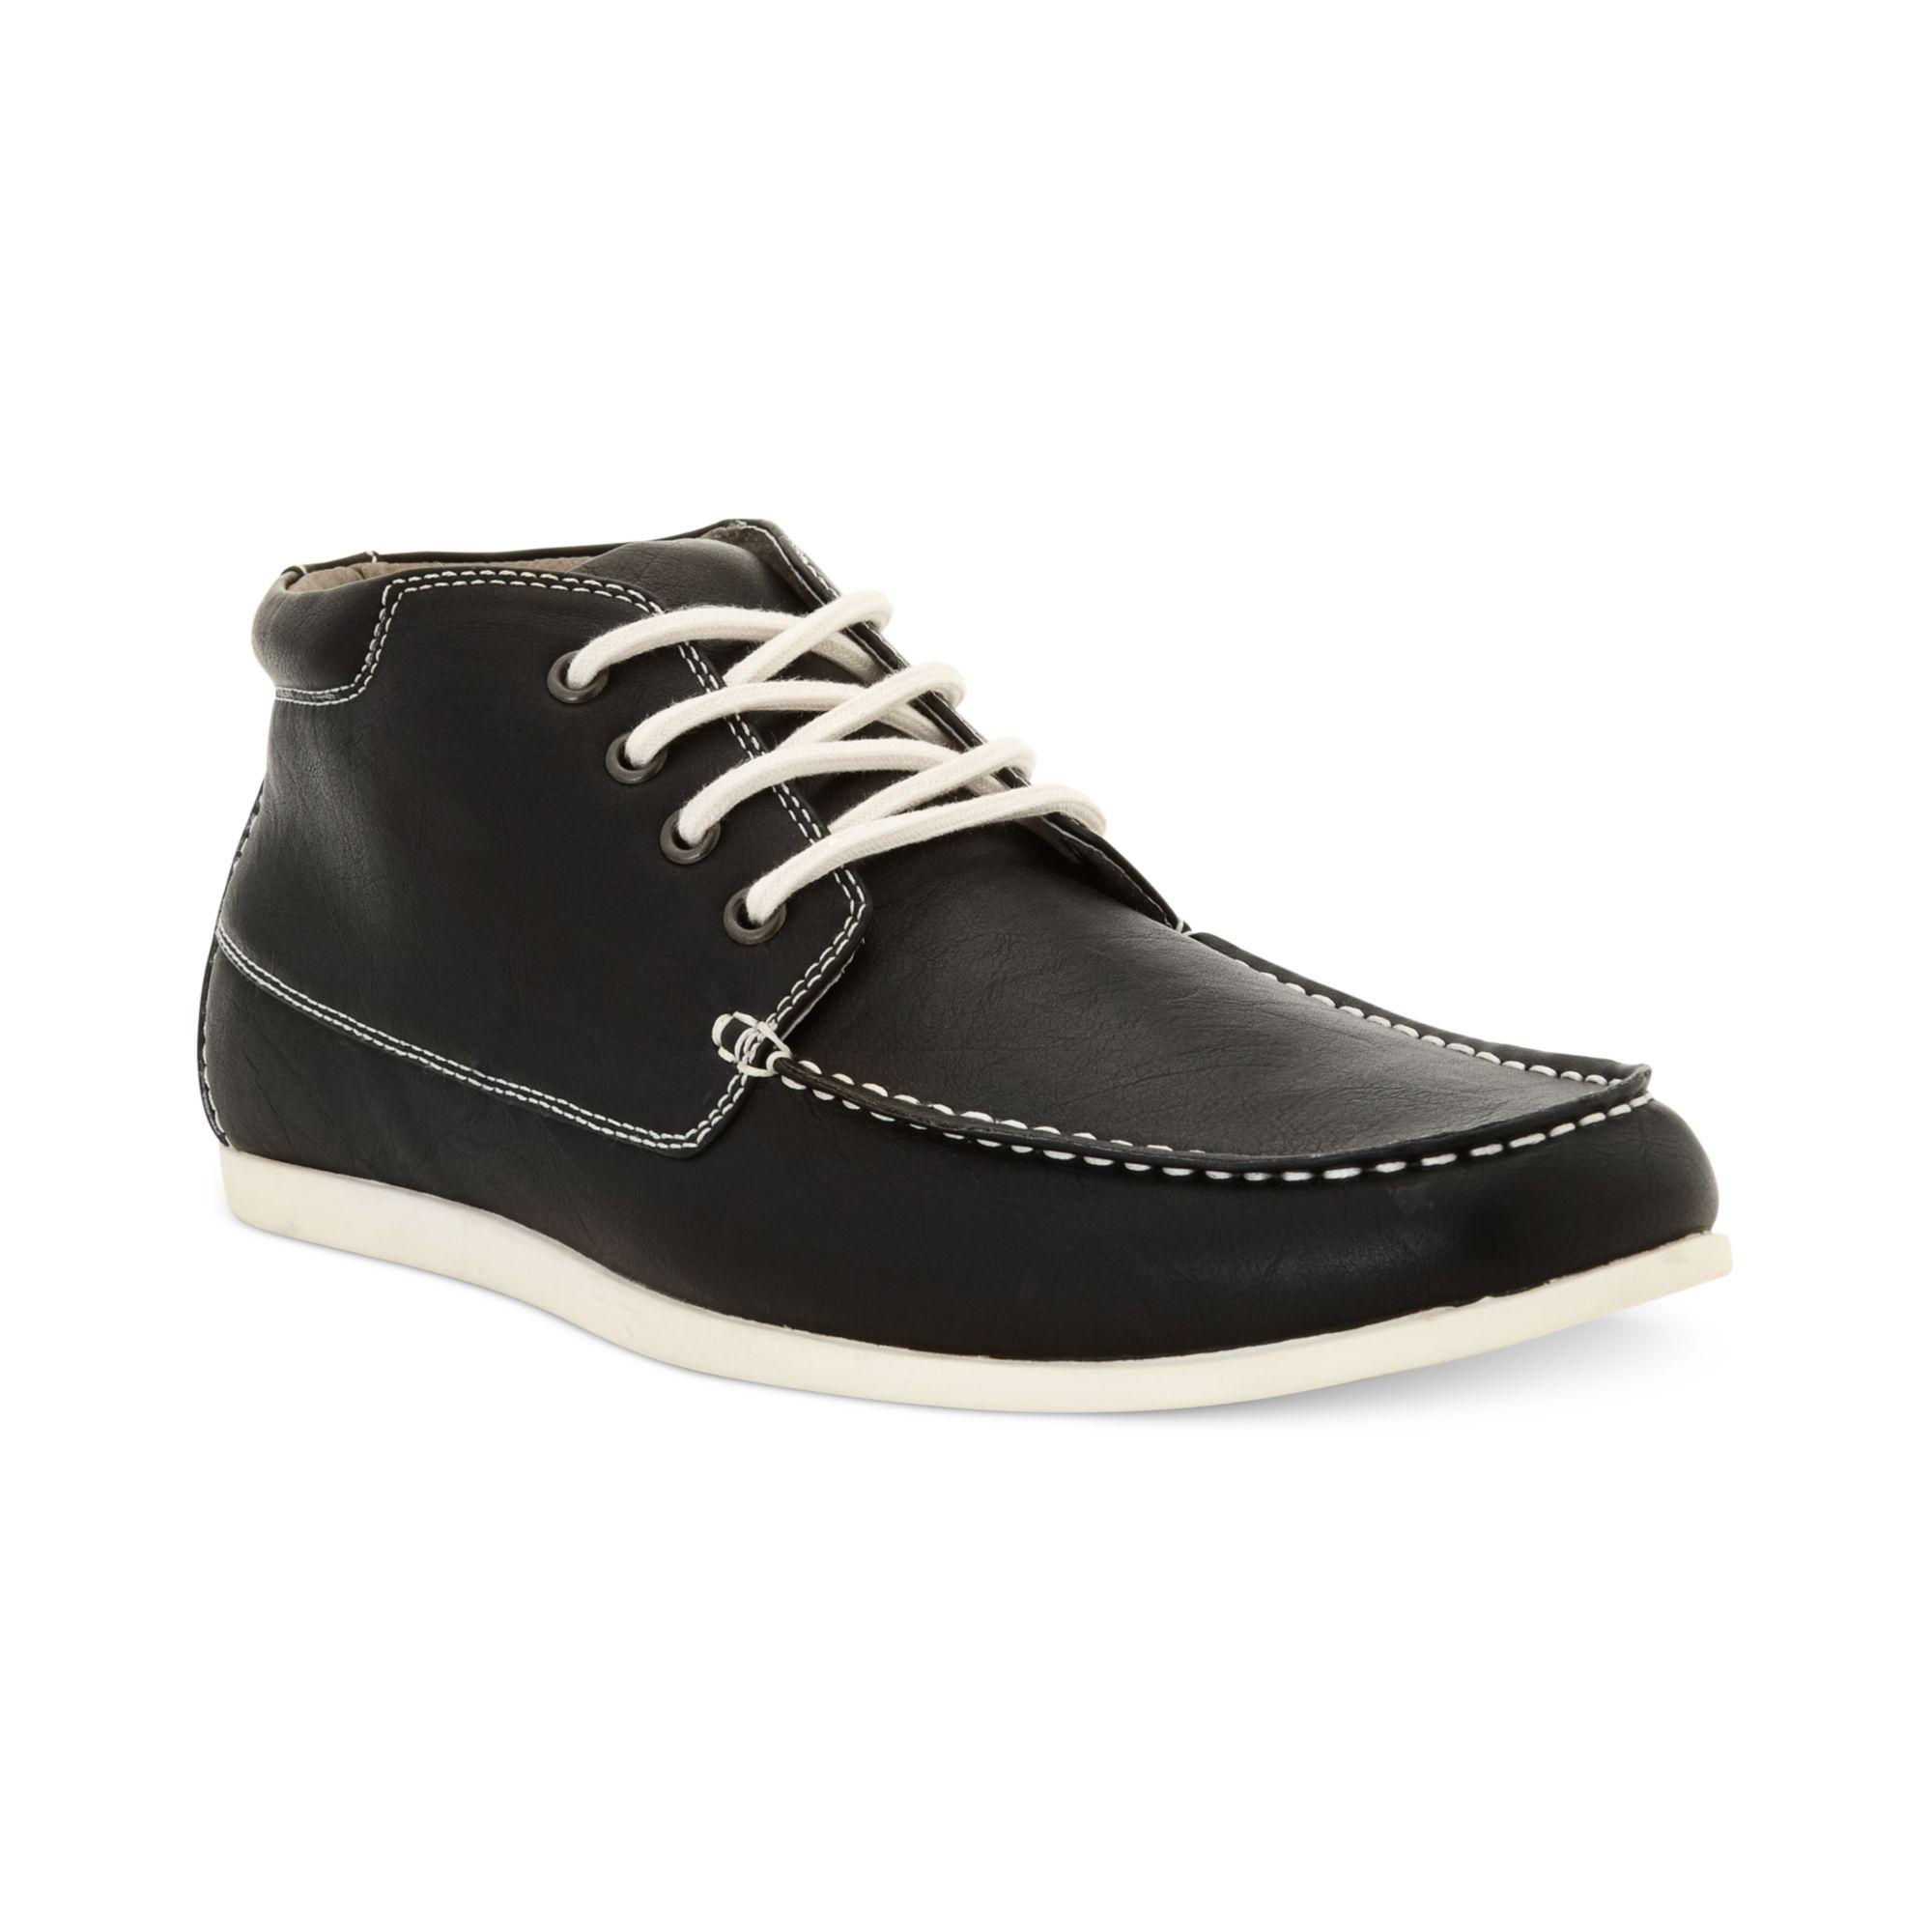 Lyst - Steve Madden Shoes in Black for Men